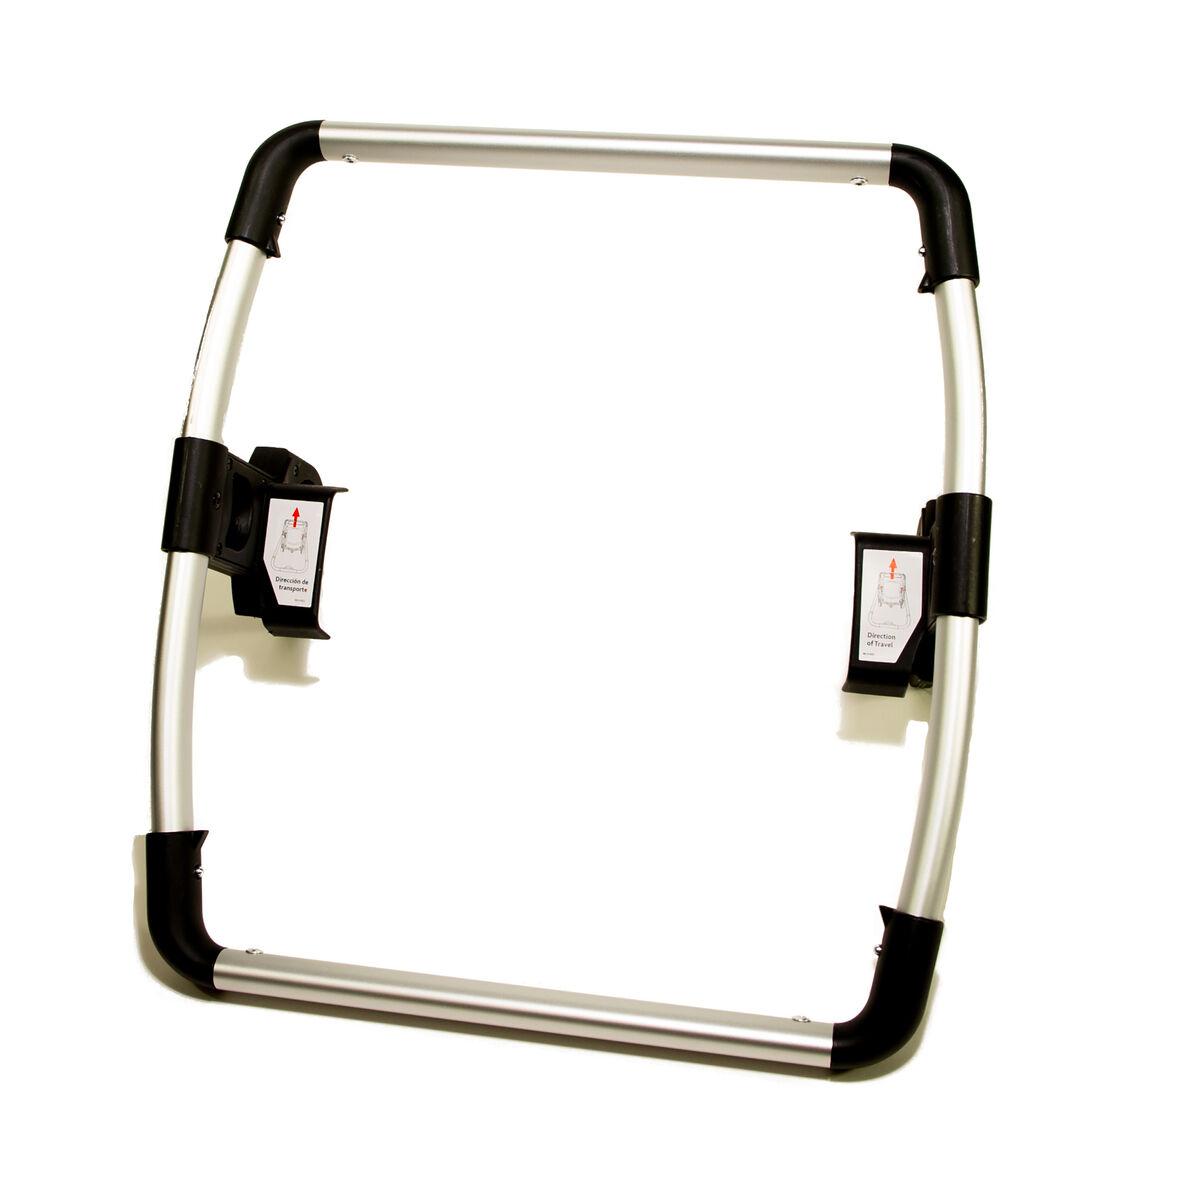 Chicco Urban Stroller Keyfit Infant Car Seat Adaptor Bar